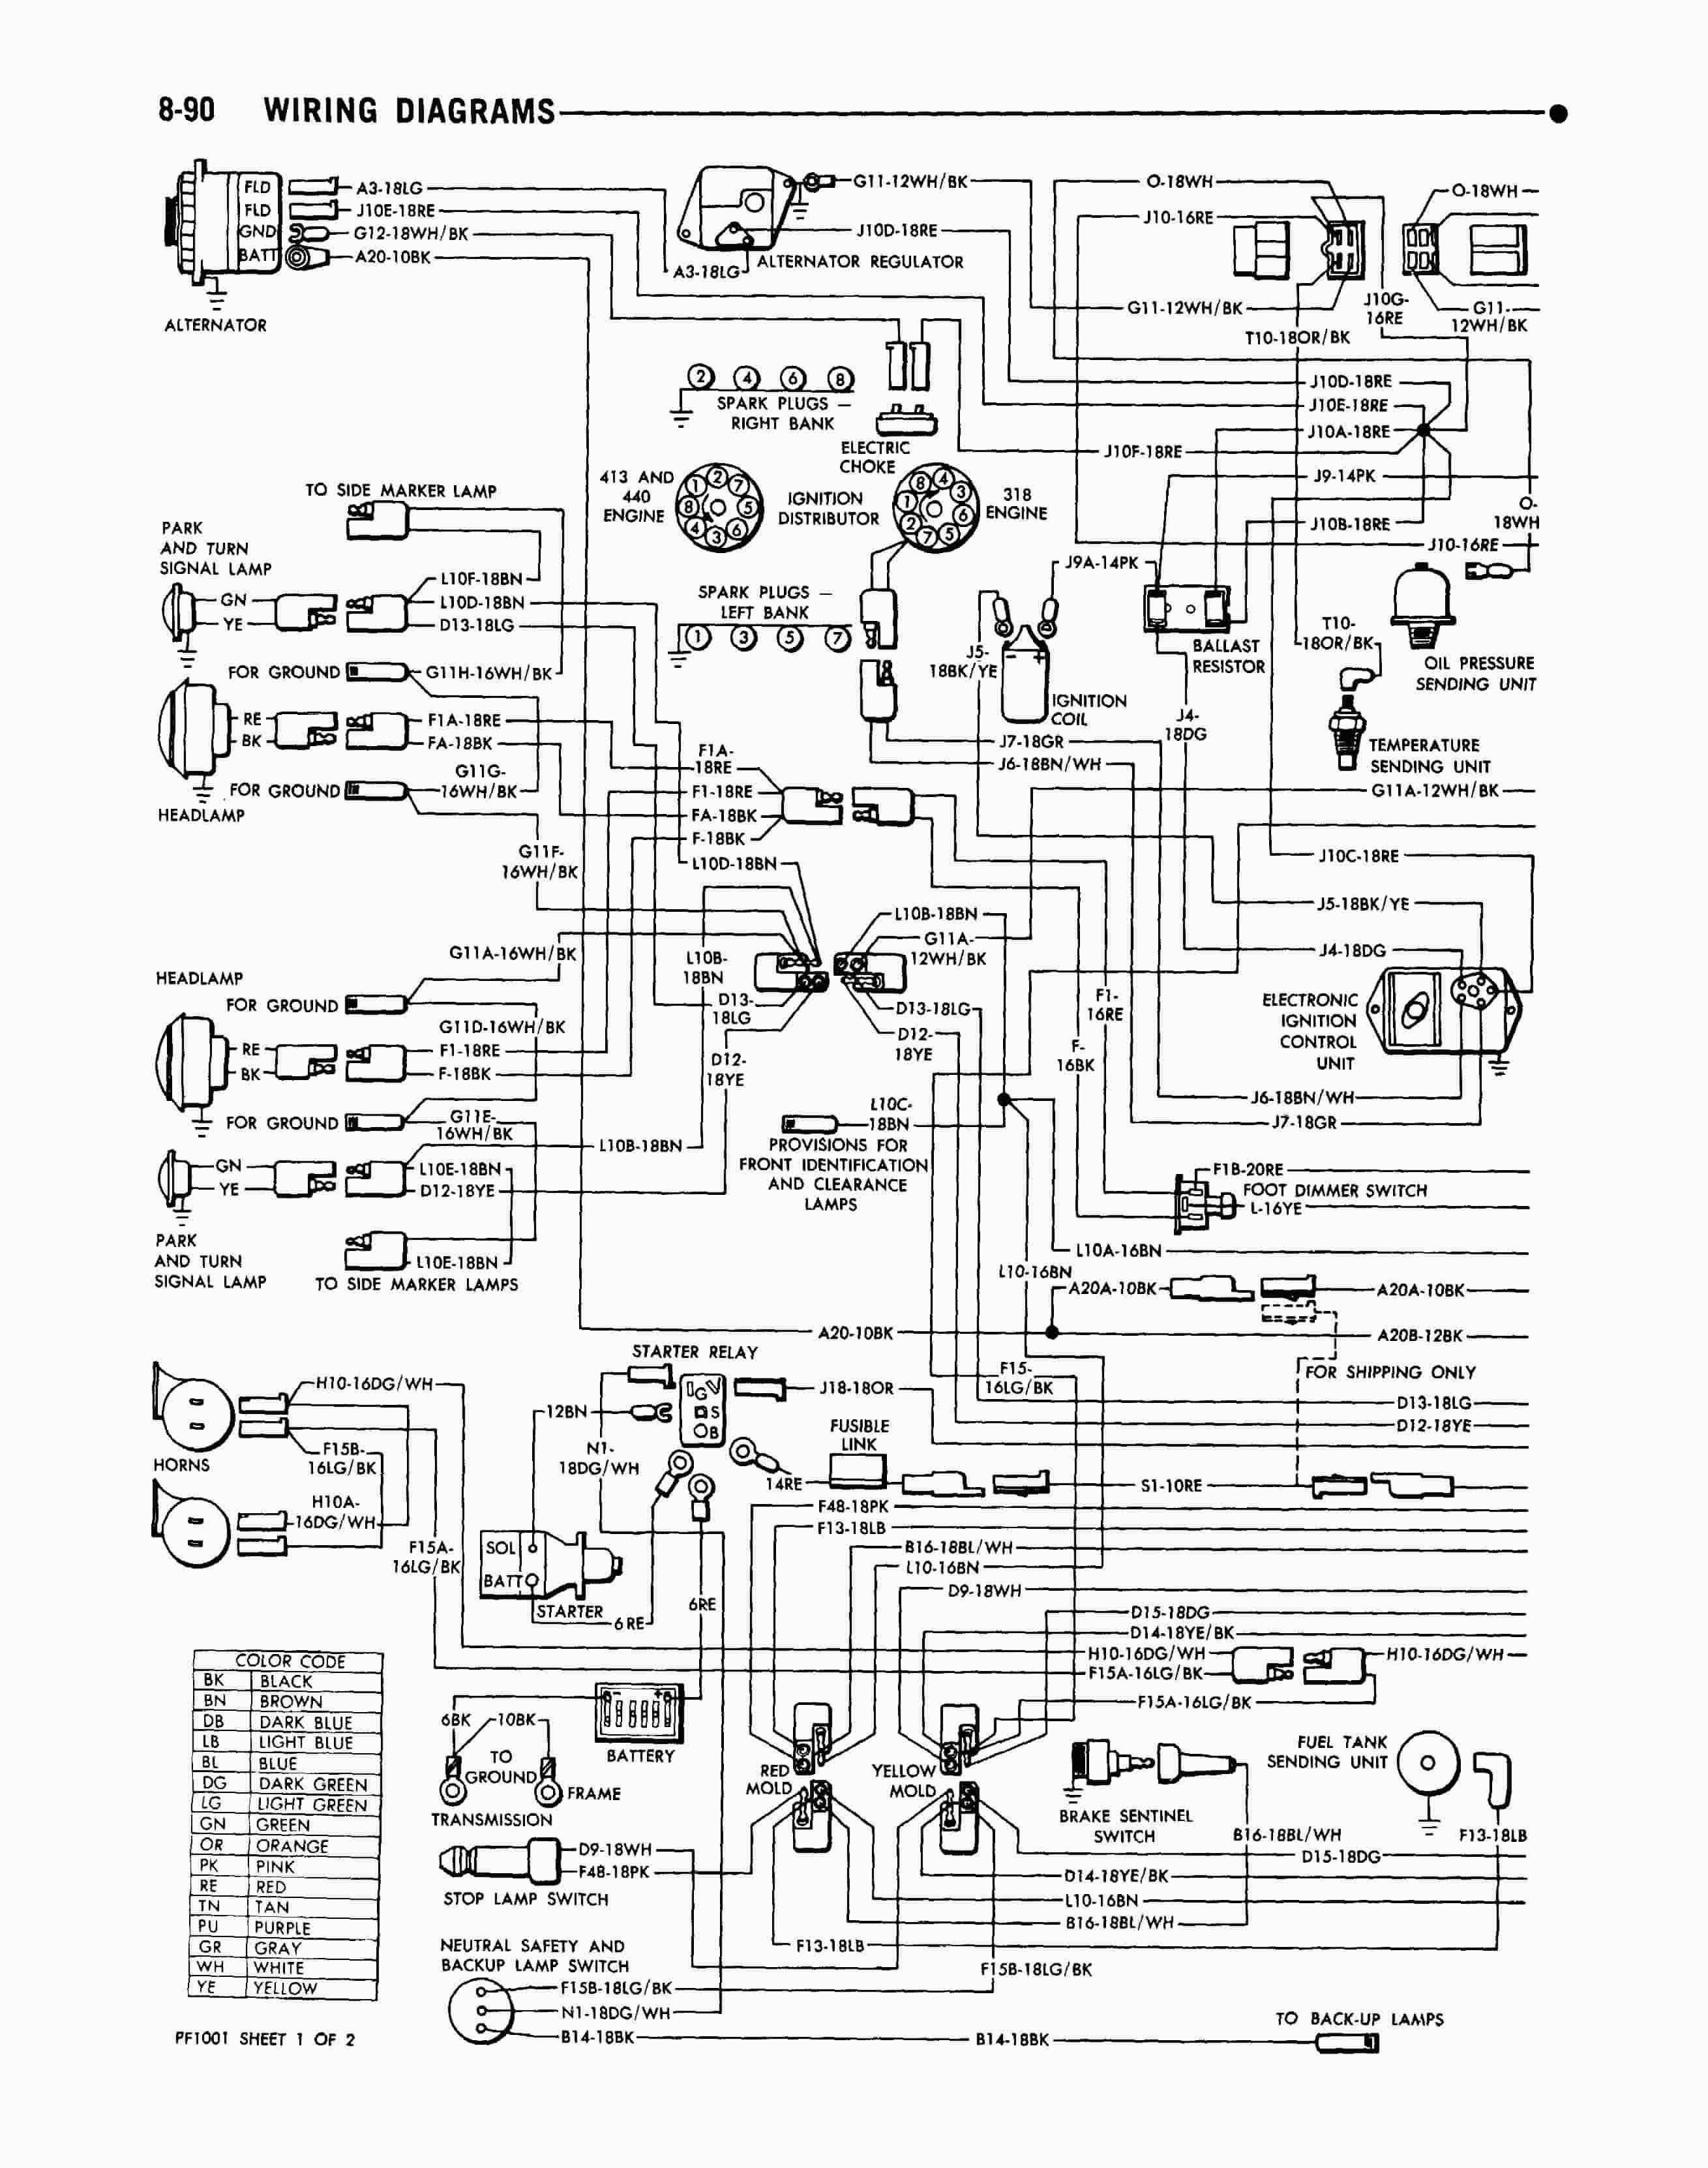 Montana Rv Wiring Diagram | Wiring Schematic Diagram on